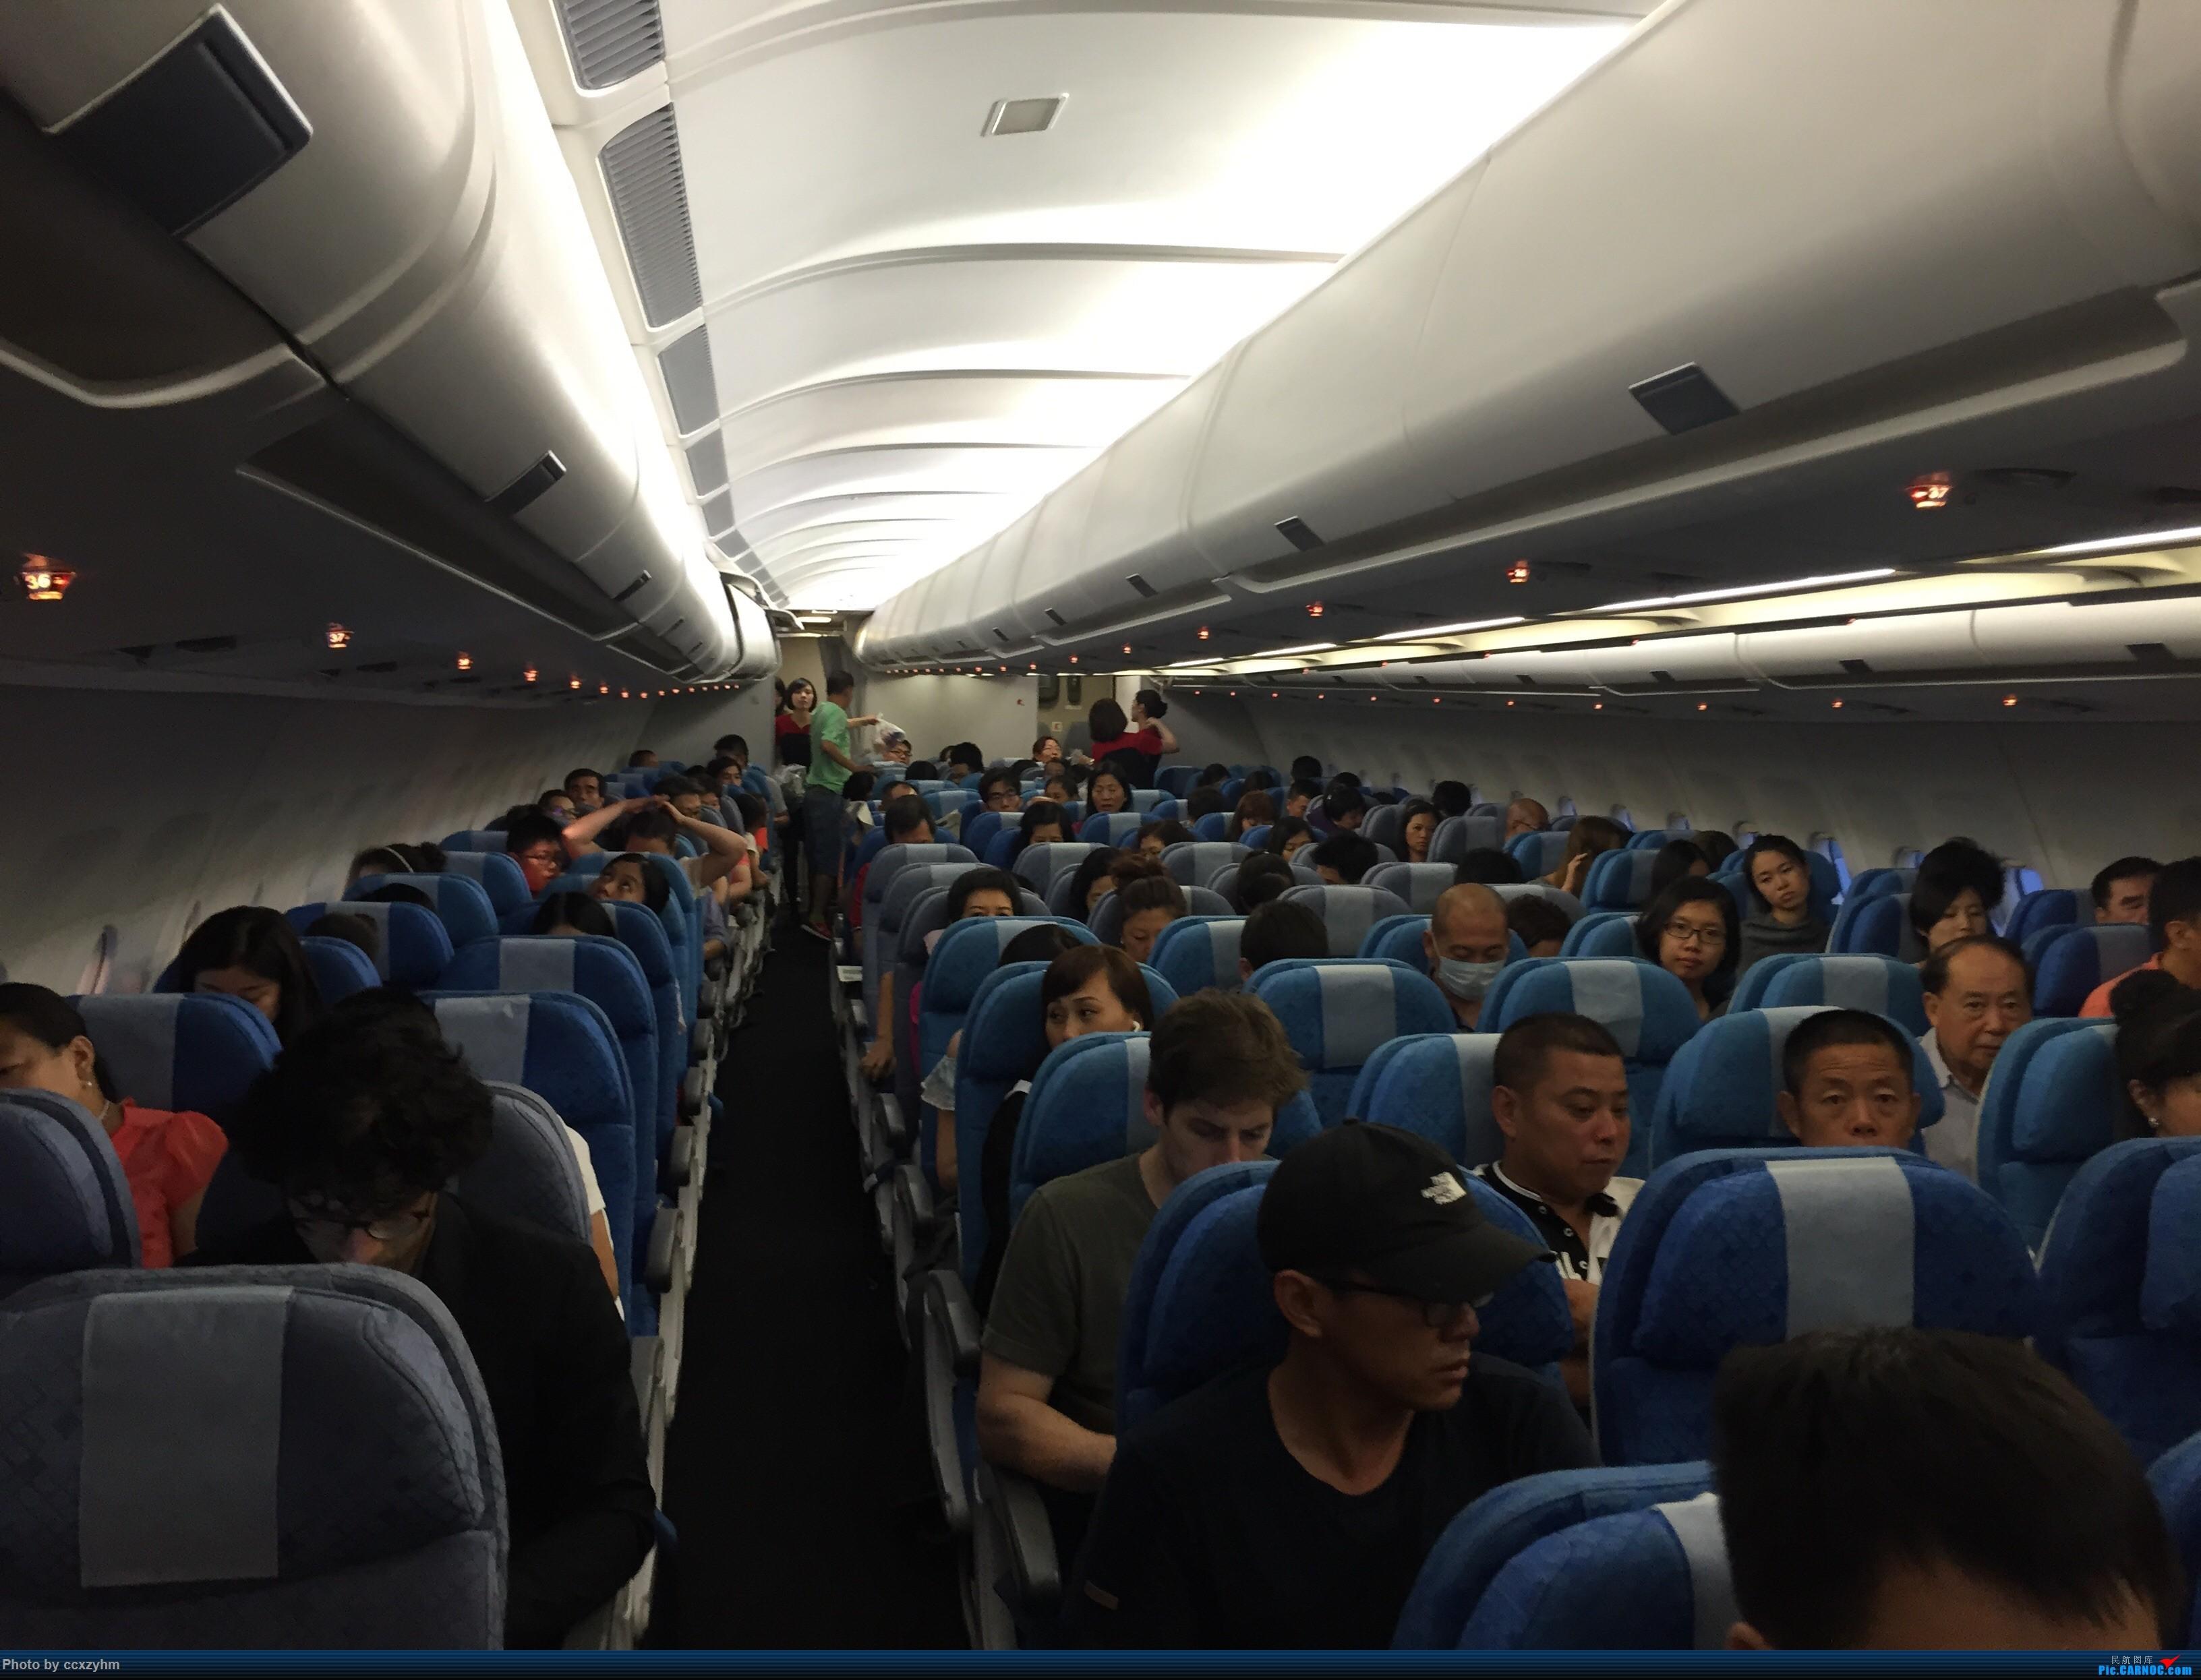 Re:[原创]PEK-HKG-SIN 港龙+国泰 KA+CX 暑假游坡县 333  PEK